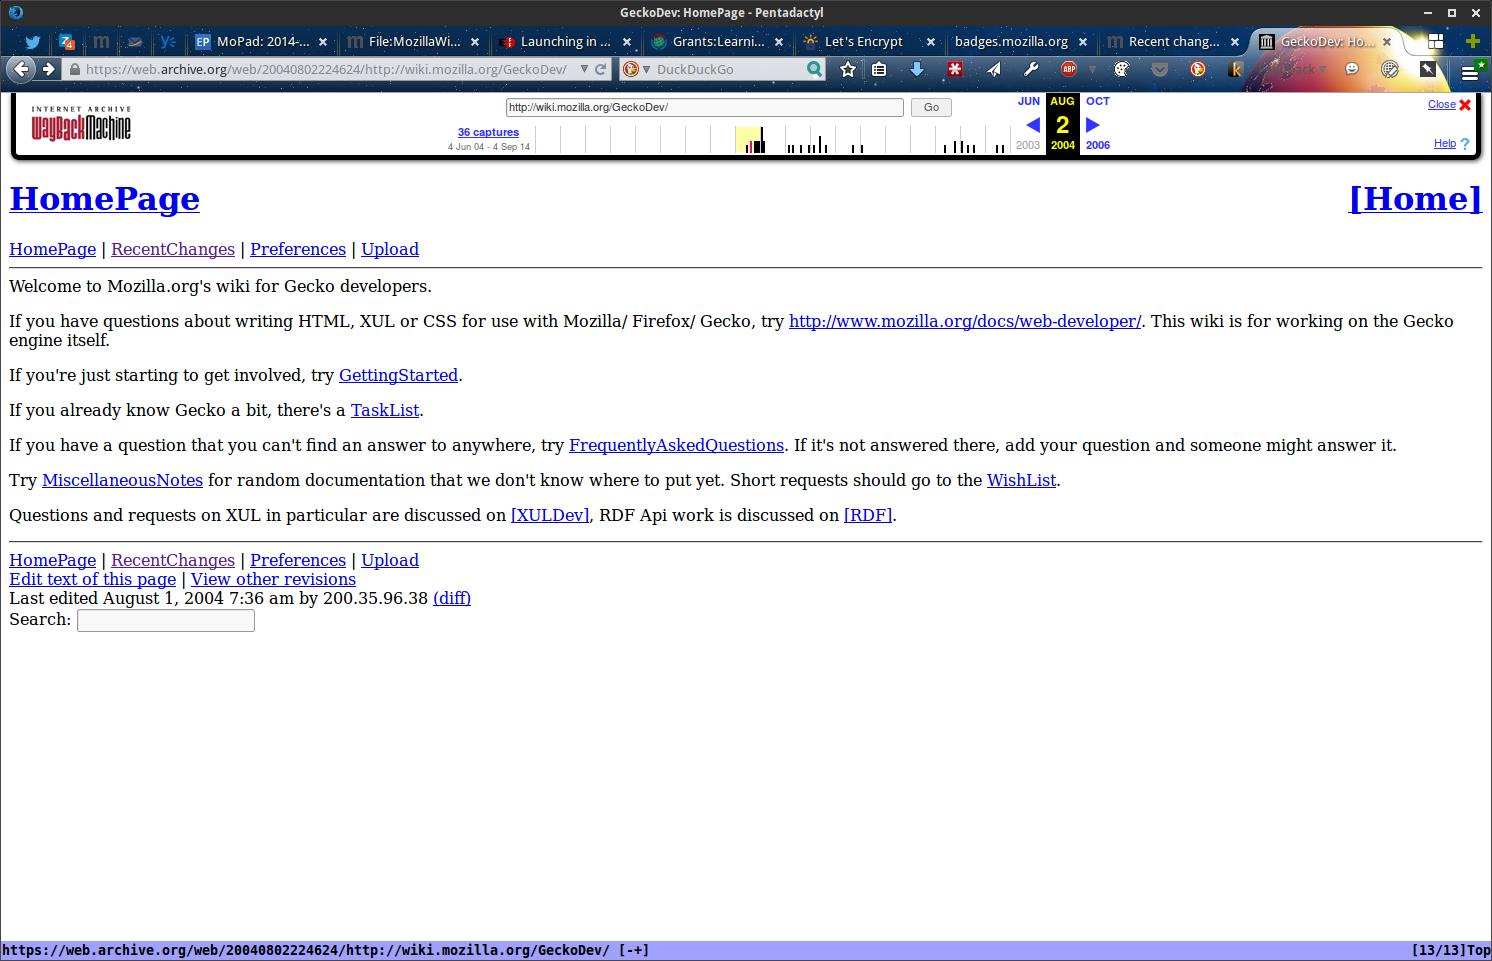 wiki.mozilla.org/GeckoDev August 2004